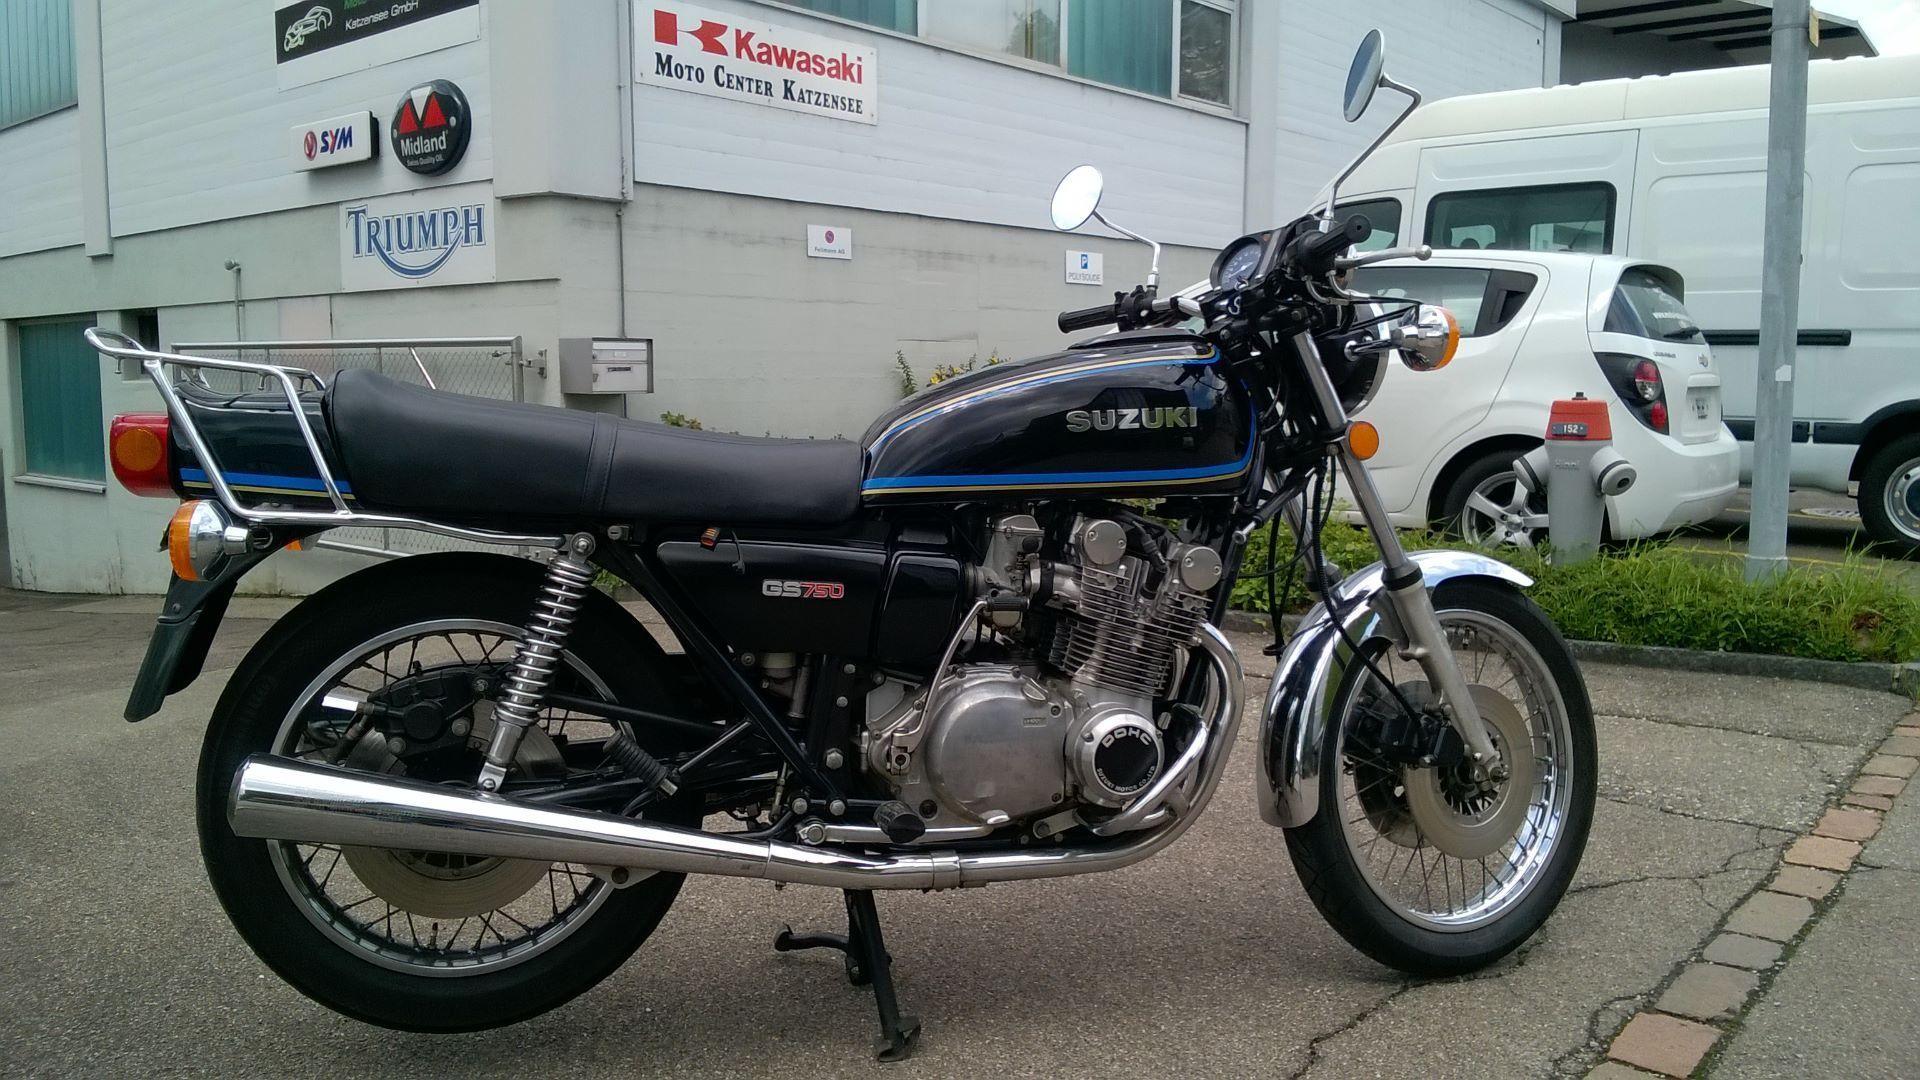 motorrad oldtimer kaufen suzuki gs 750 moto und oldtimer. Black Bedroom Furniture Sets. Home Design Ideas